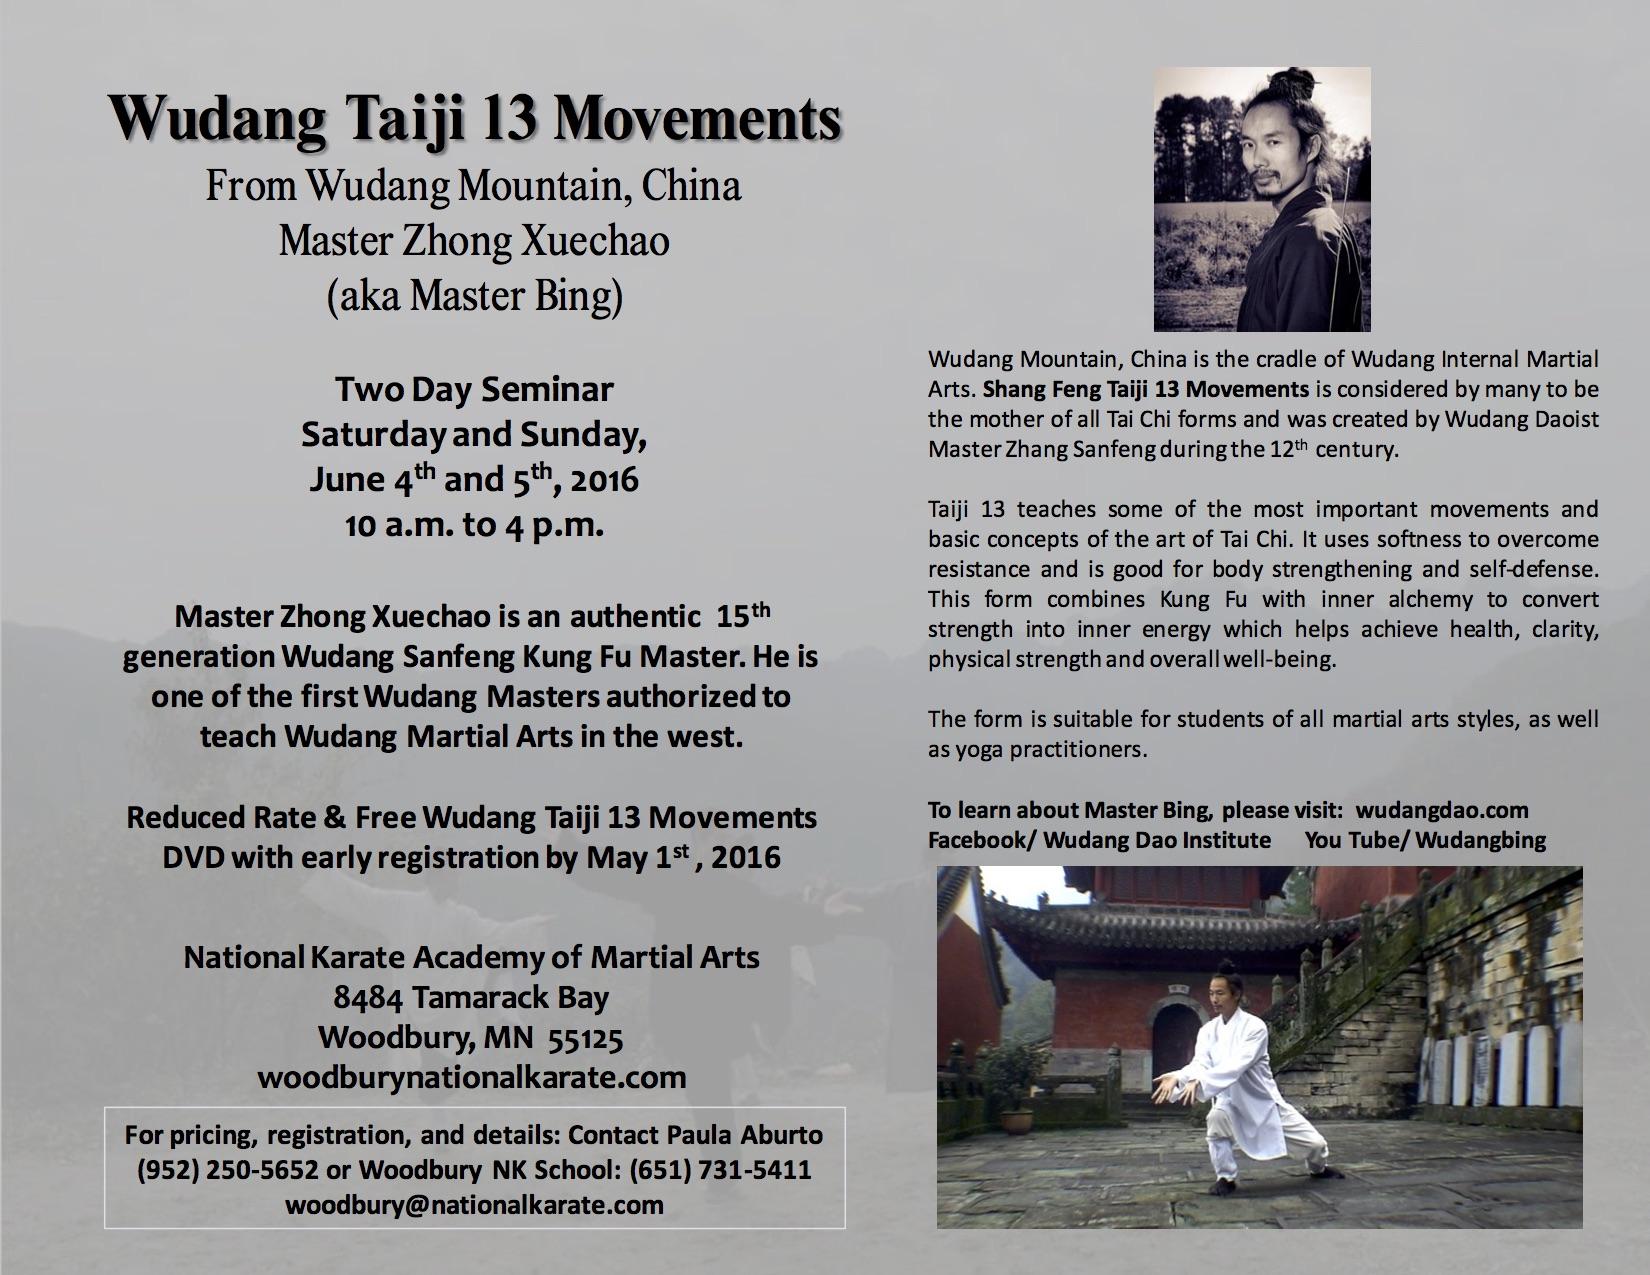 Wudang Taiji 13 Movements